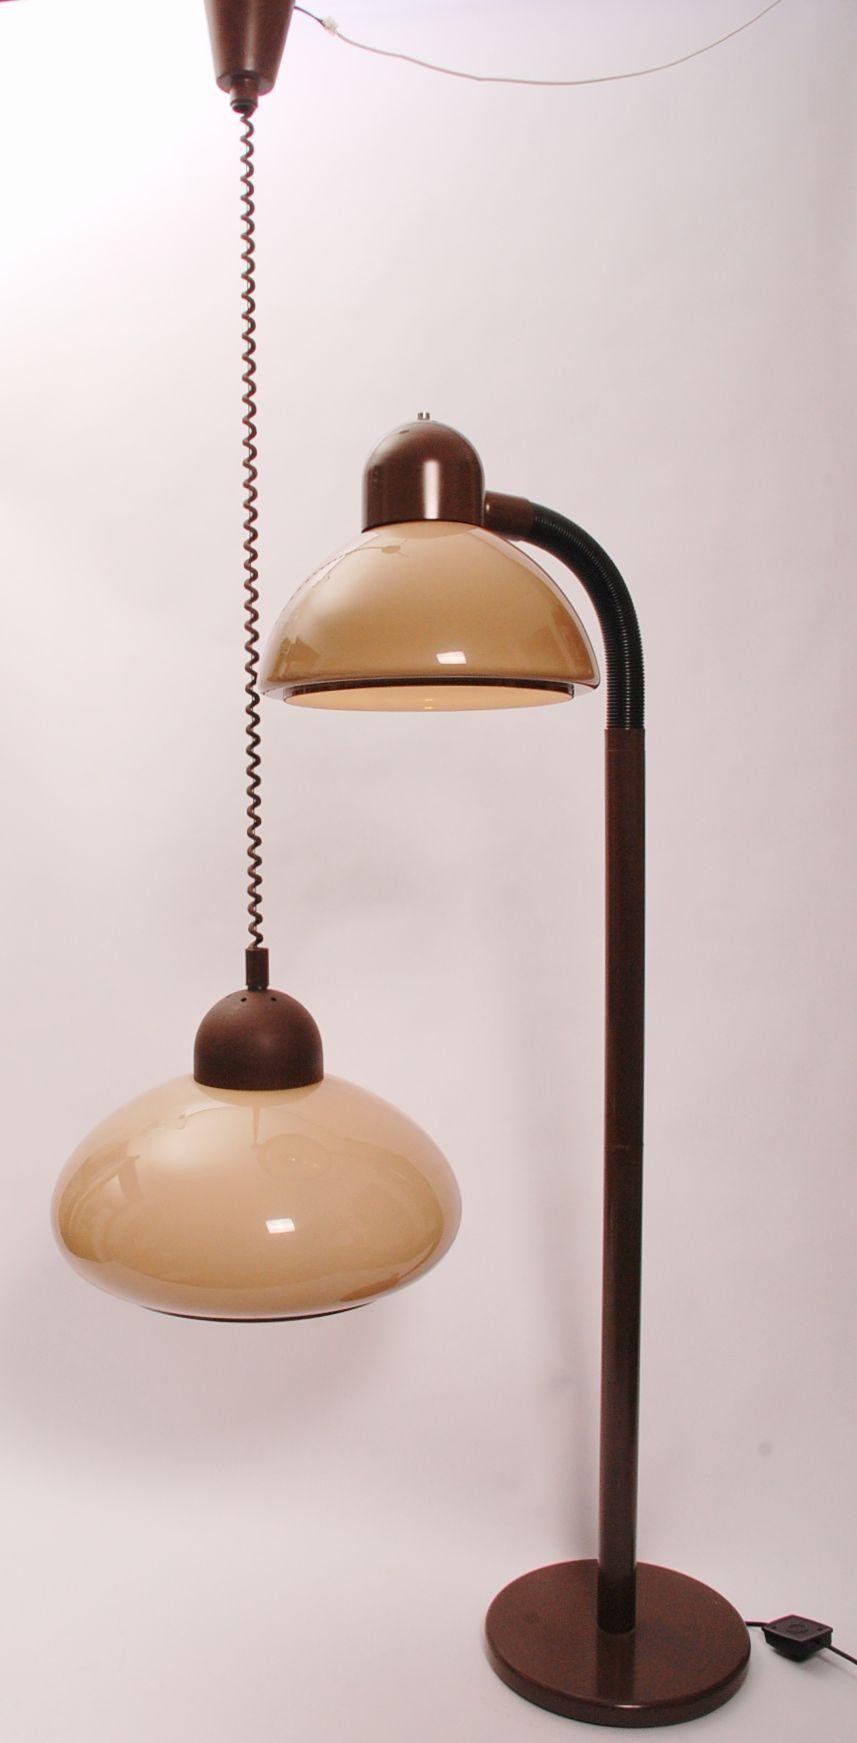 mid century pendant lighting. 70\u0027s mushroom lamp set - retro, vintage, mid century. century pendant lighting